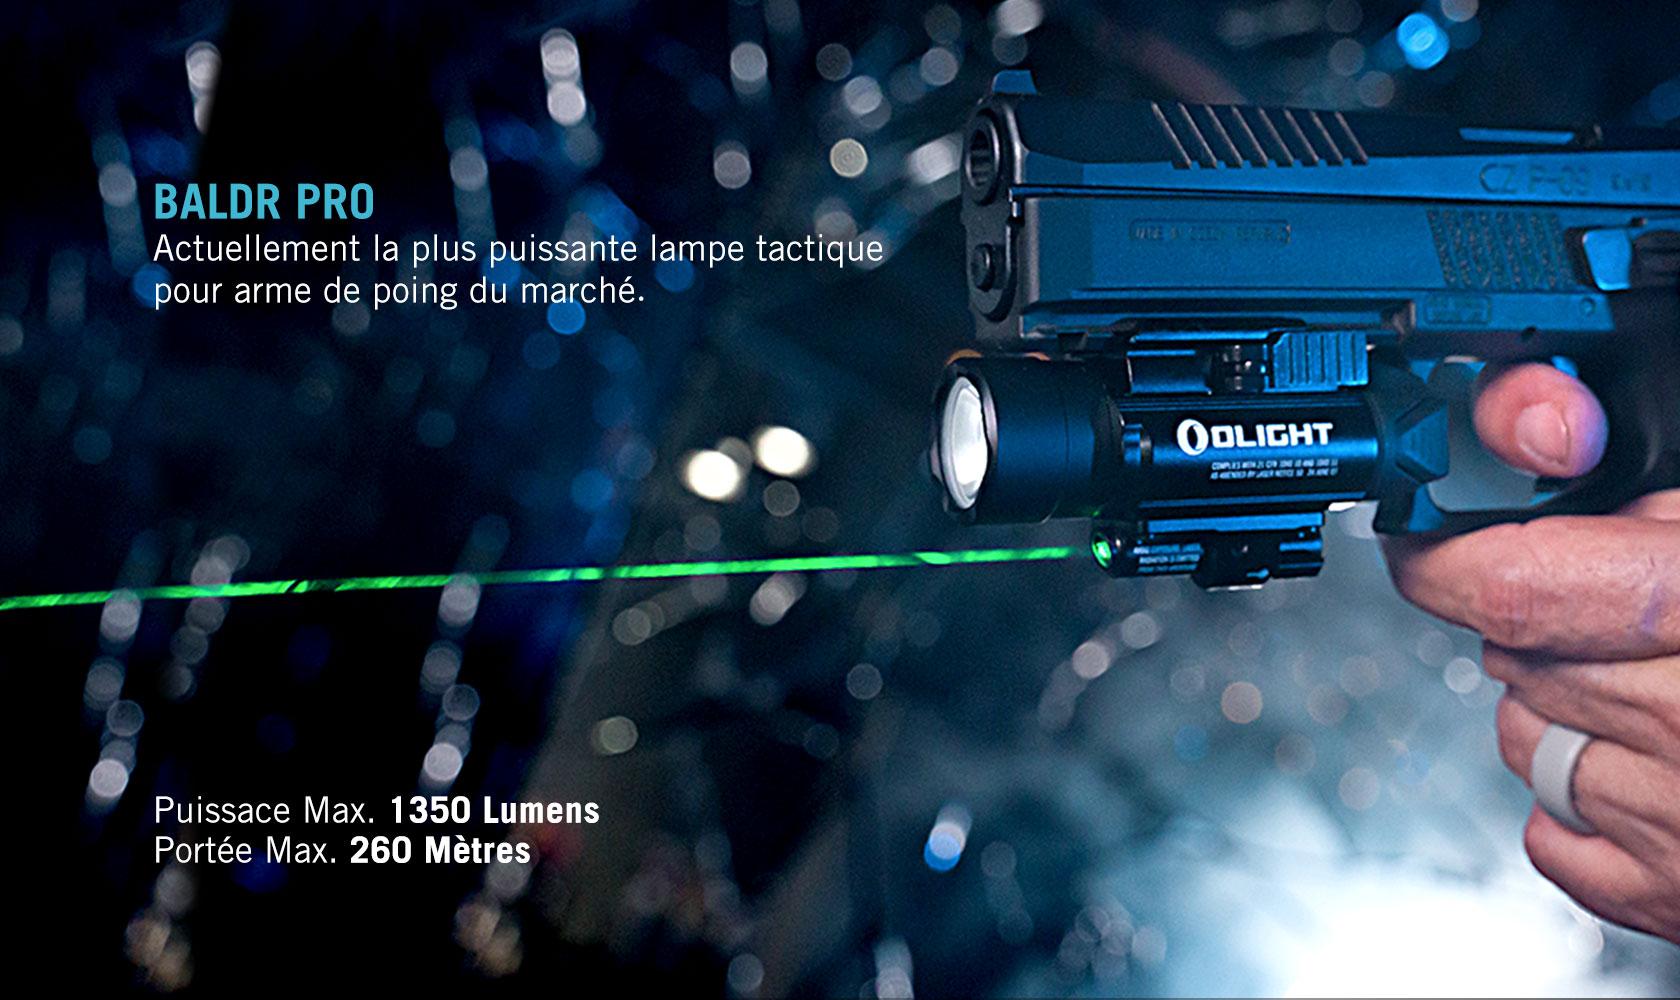 Baldr Pro lampe compatible avec des rails picatinny